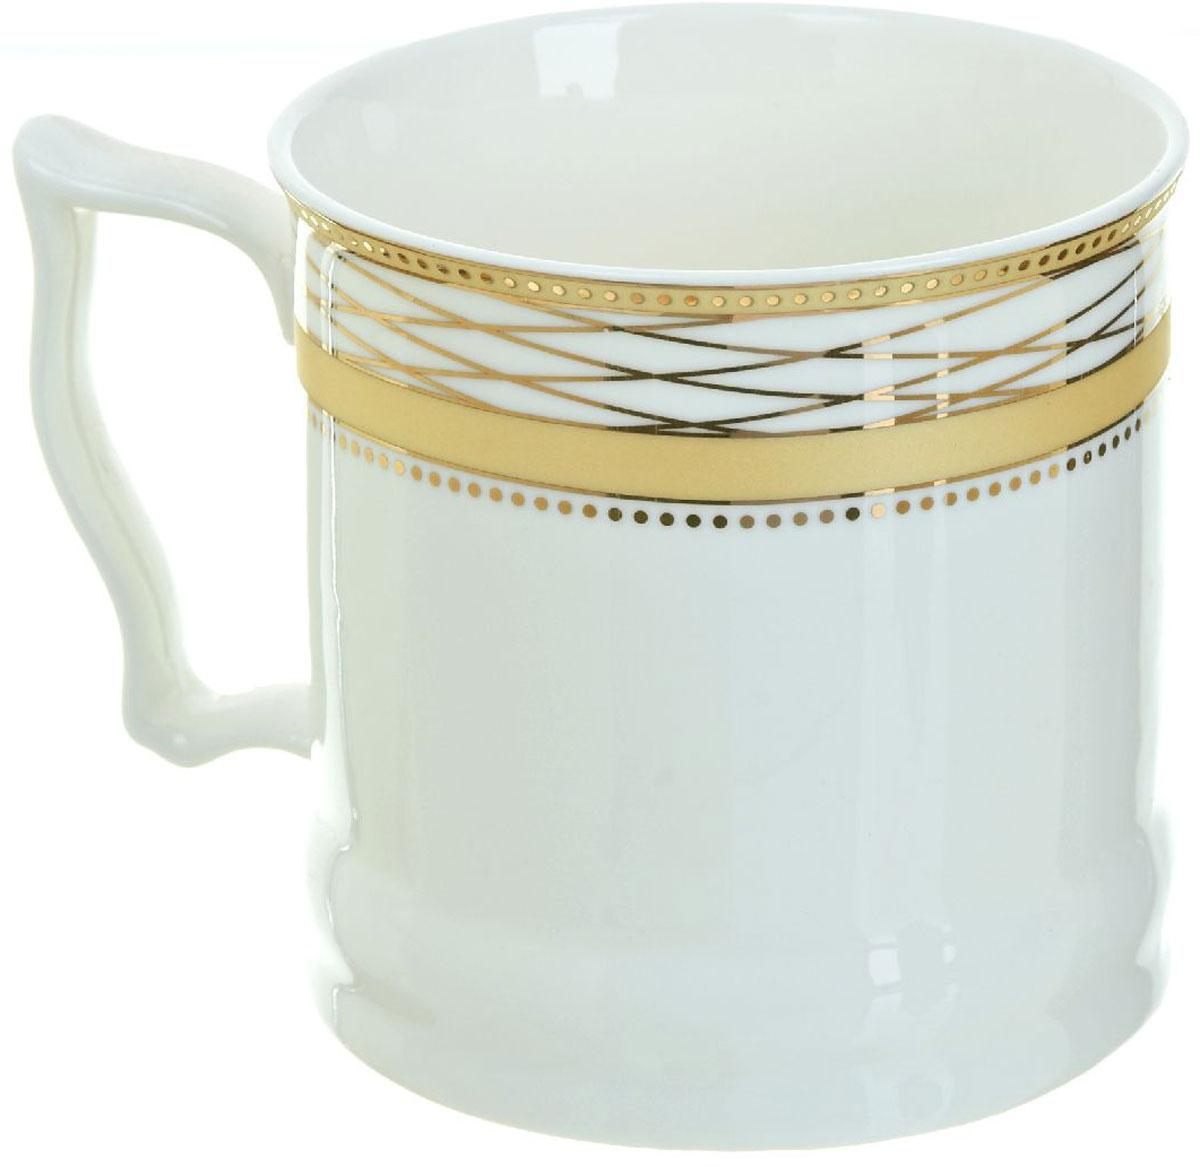 Кружка BHP Королевская кружка, 500 мл. 187000854 009312Оригинальная кружка Best Home Porcelain, выполненная из высококачественного фарфора, сочетает в себе простой, утонченный дизайн с максимальной функциональностью. Можно использовать в посудомоечной машине.